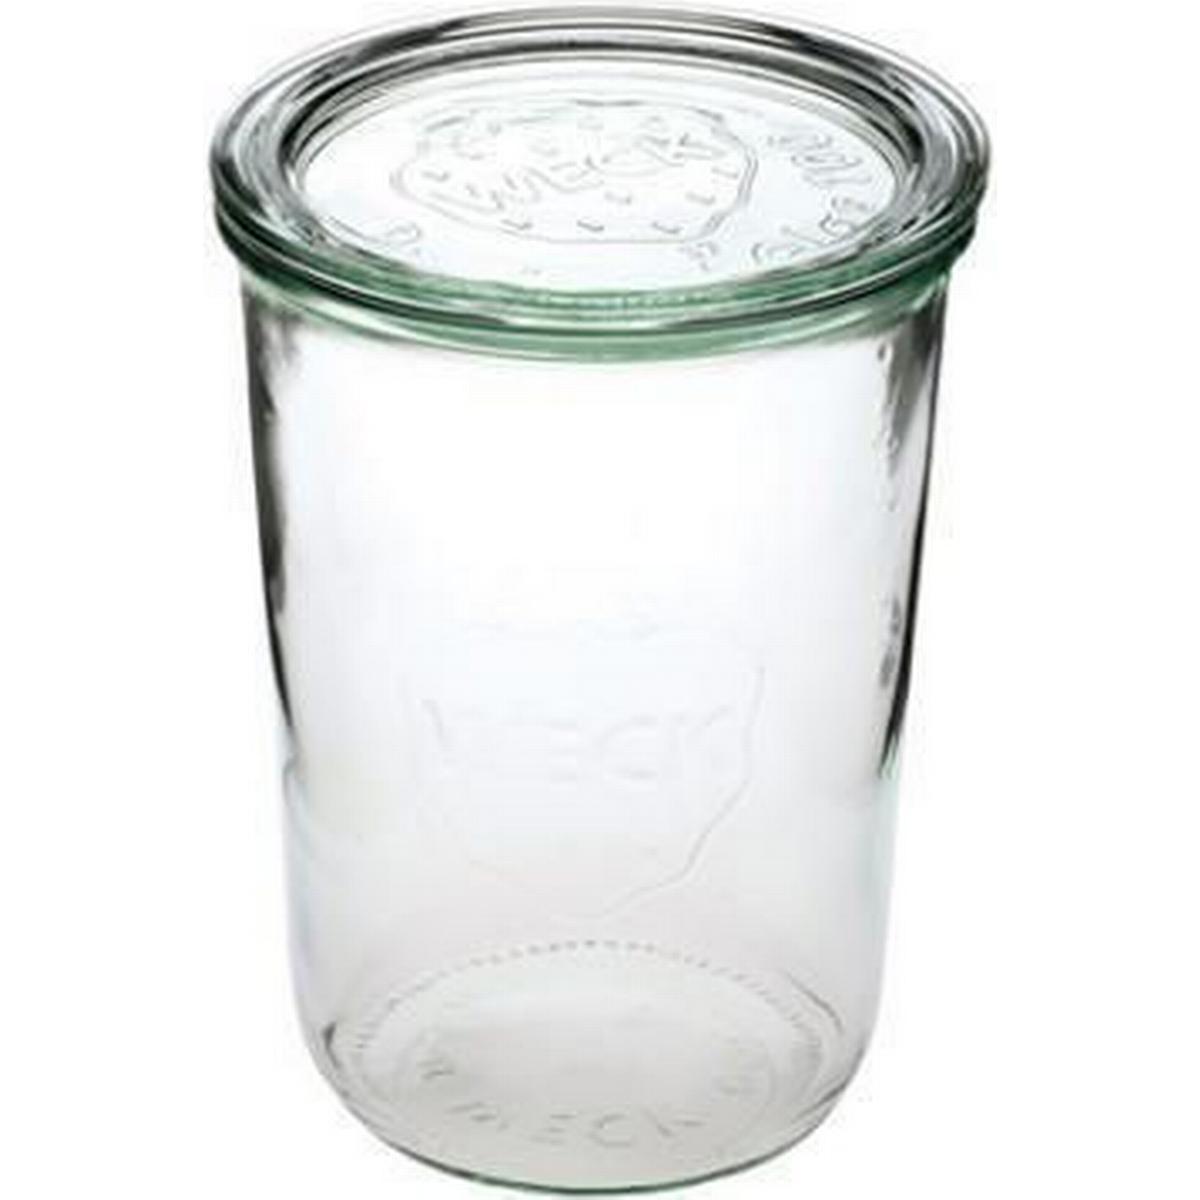 4 St/ück. Glas-Fermentations-Gewichte f/ür Einweckgl/äser